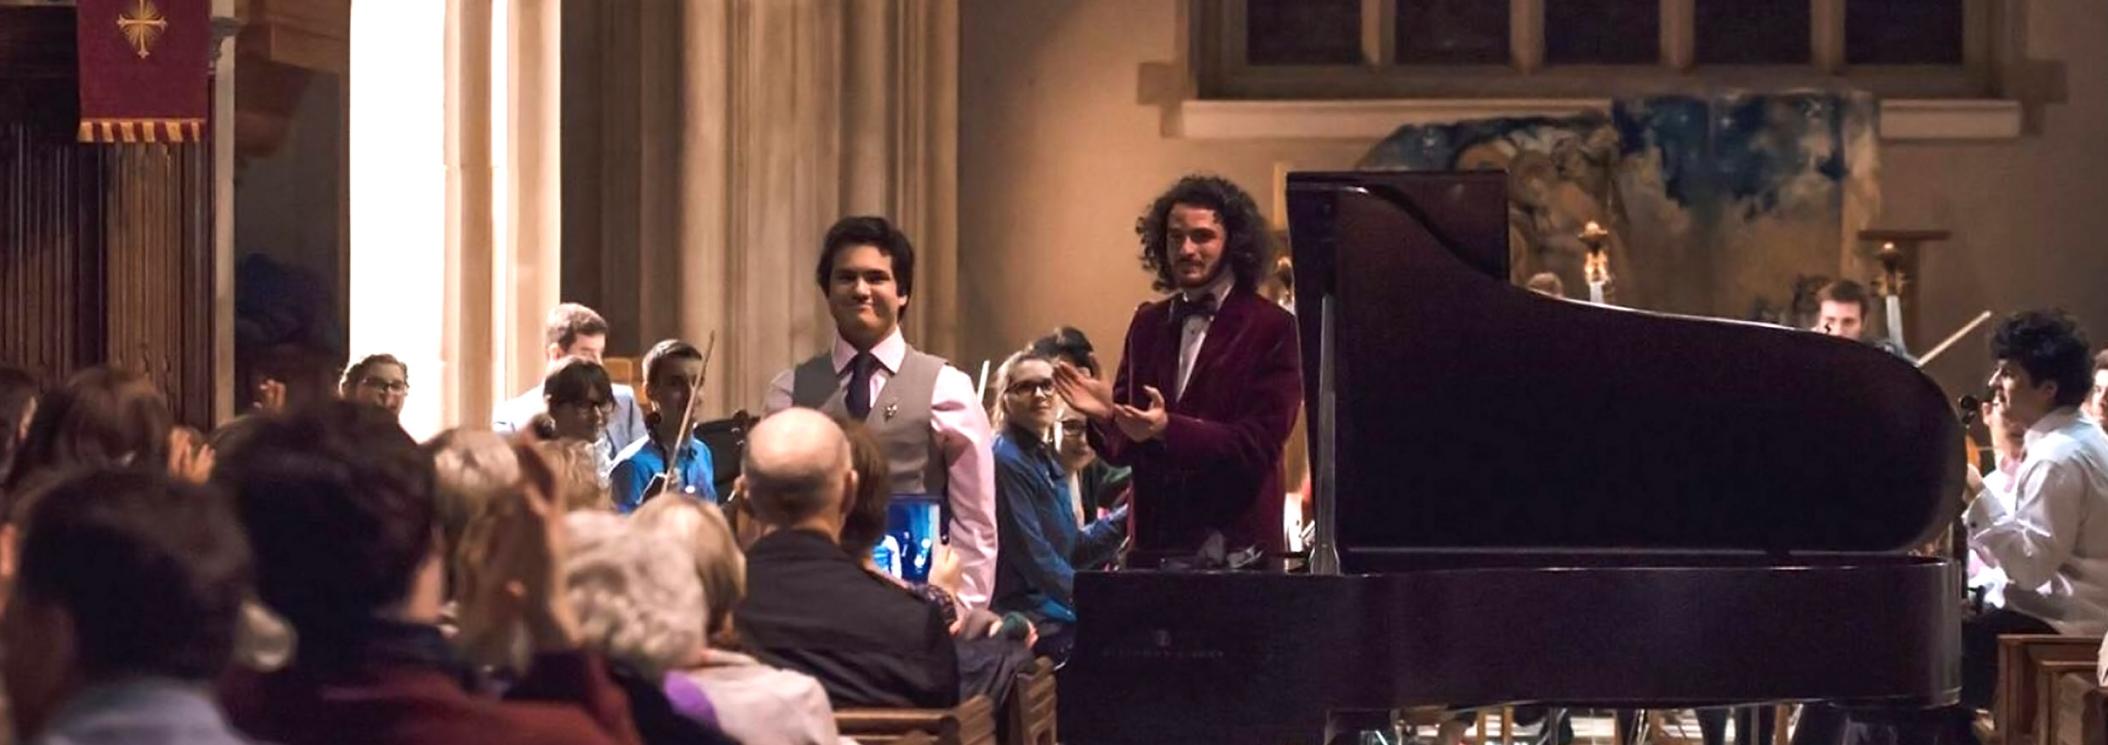 Andrew Garrido Concert